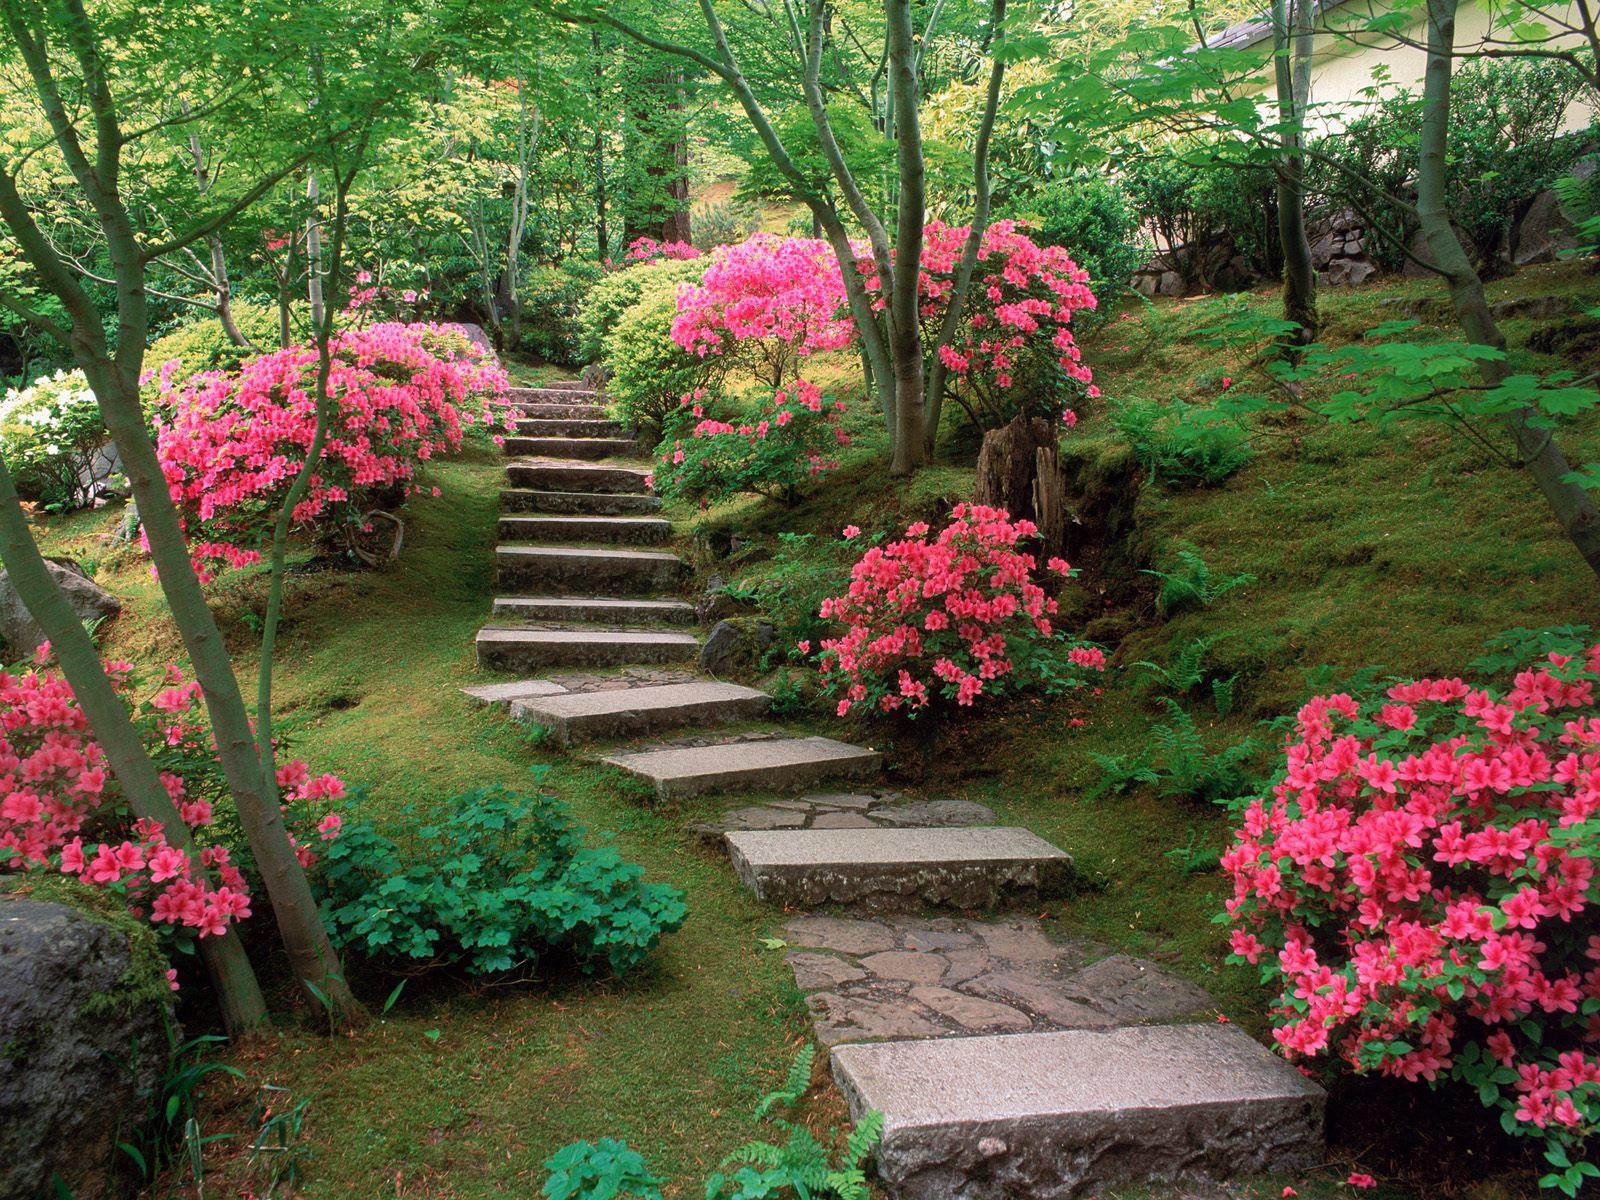 Widescreen Flower Garden WallpapersWallpaperSafari